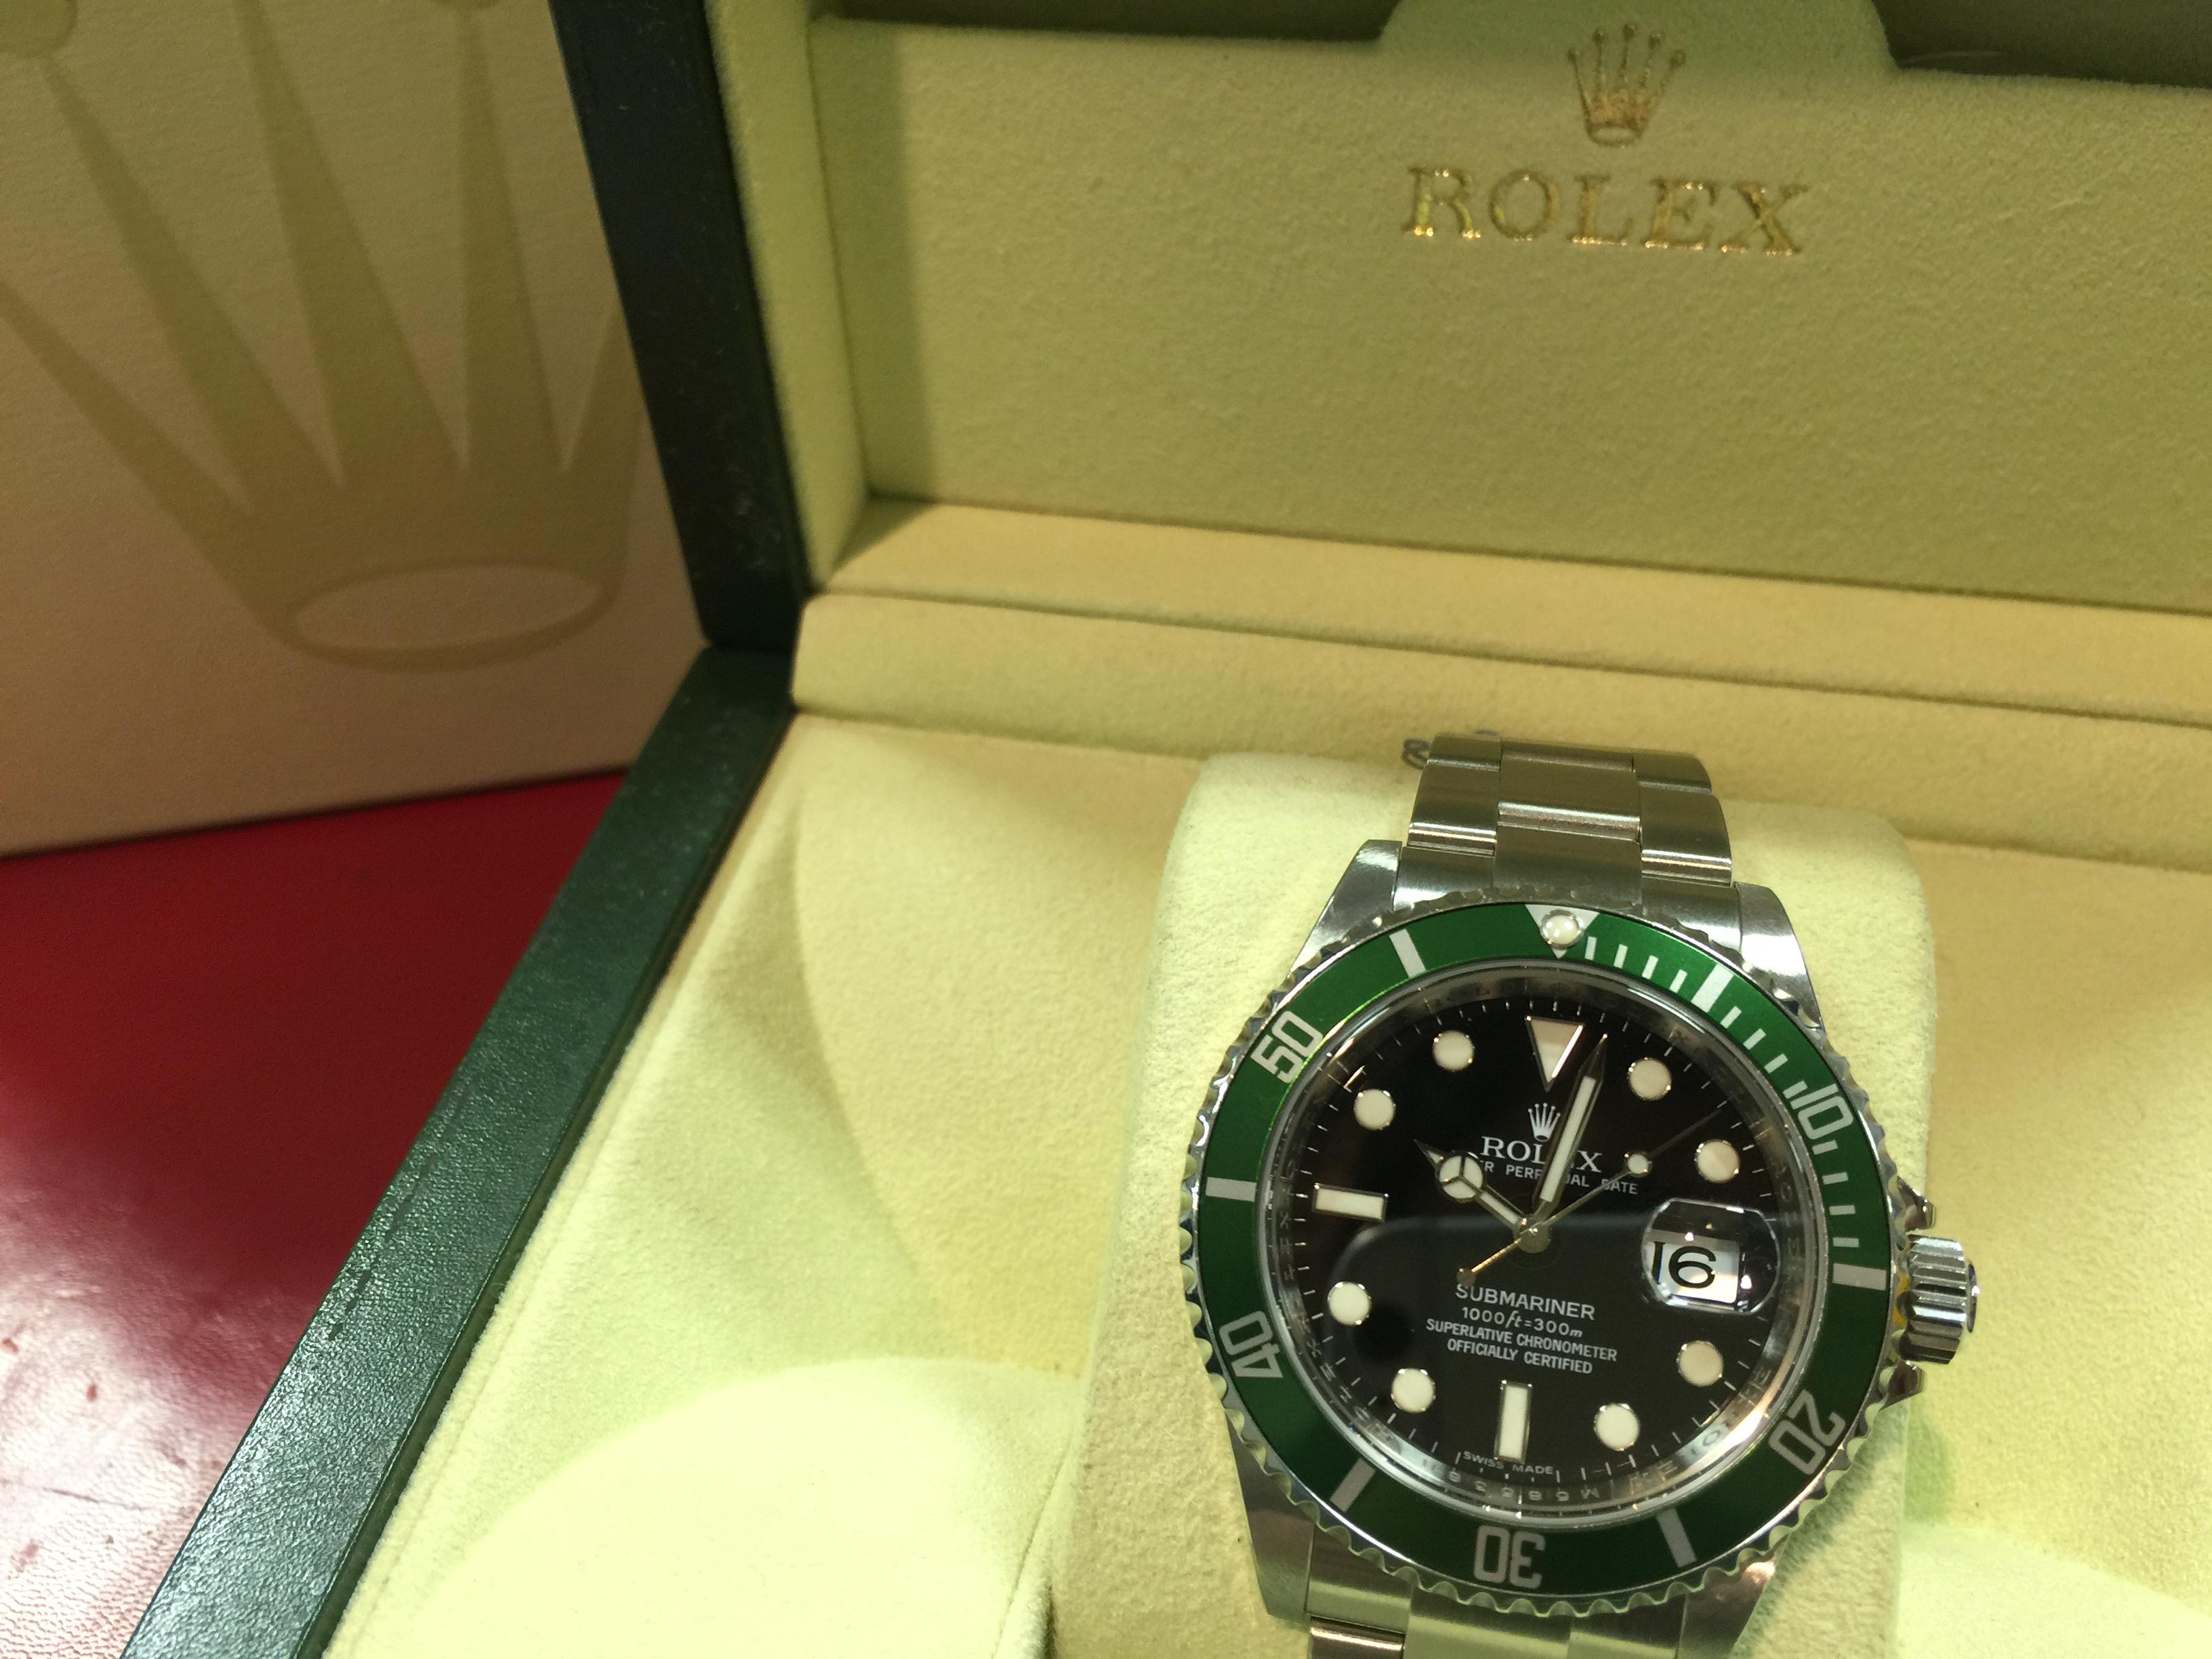 new product fb42d db593 ロレックス ROLEX グリーンサブマリーナー 16610LV M番 | 時計の ...